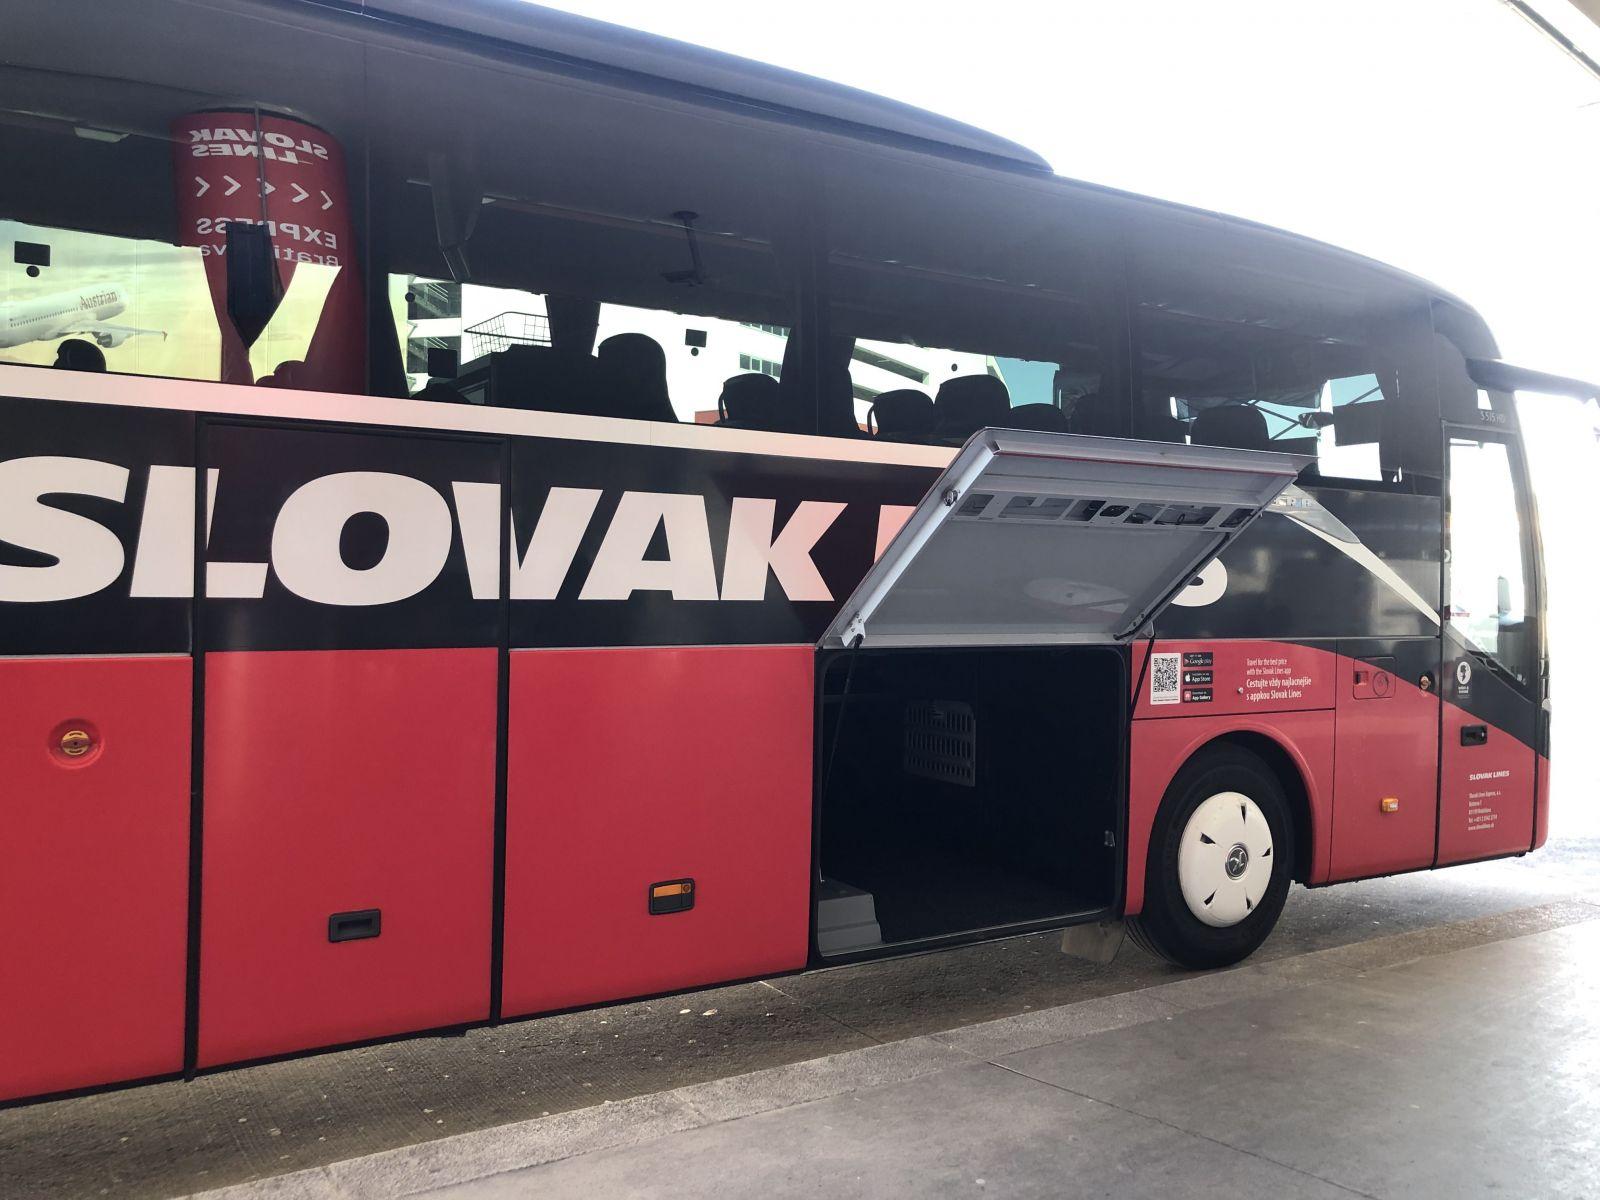 Boli sme sa pozrieť, či Slováci cestujú na exotické dovolenky z Viedenského letiska. Na prekvapenie sme tam zbadali Majk Spirita